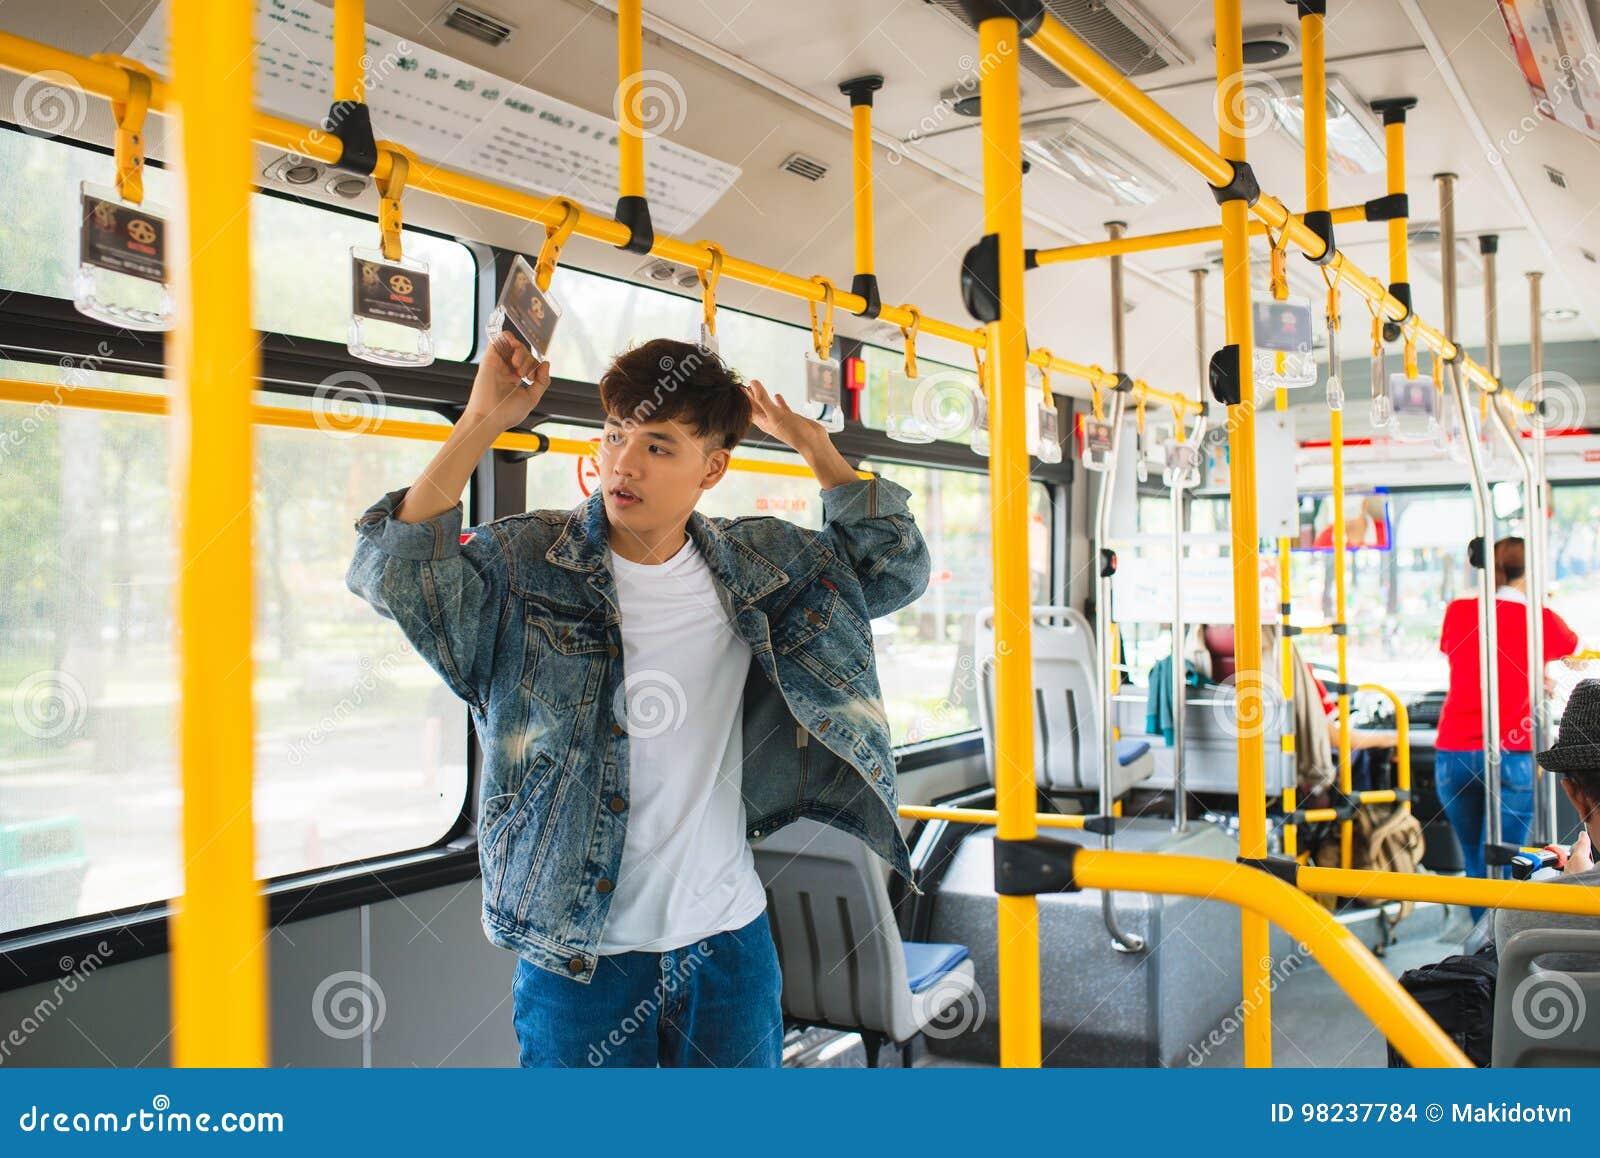 aziatskie-devki-na-transporte-zrelie